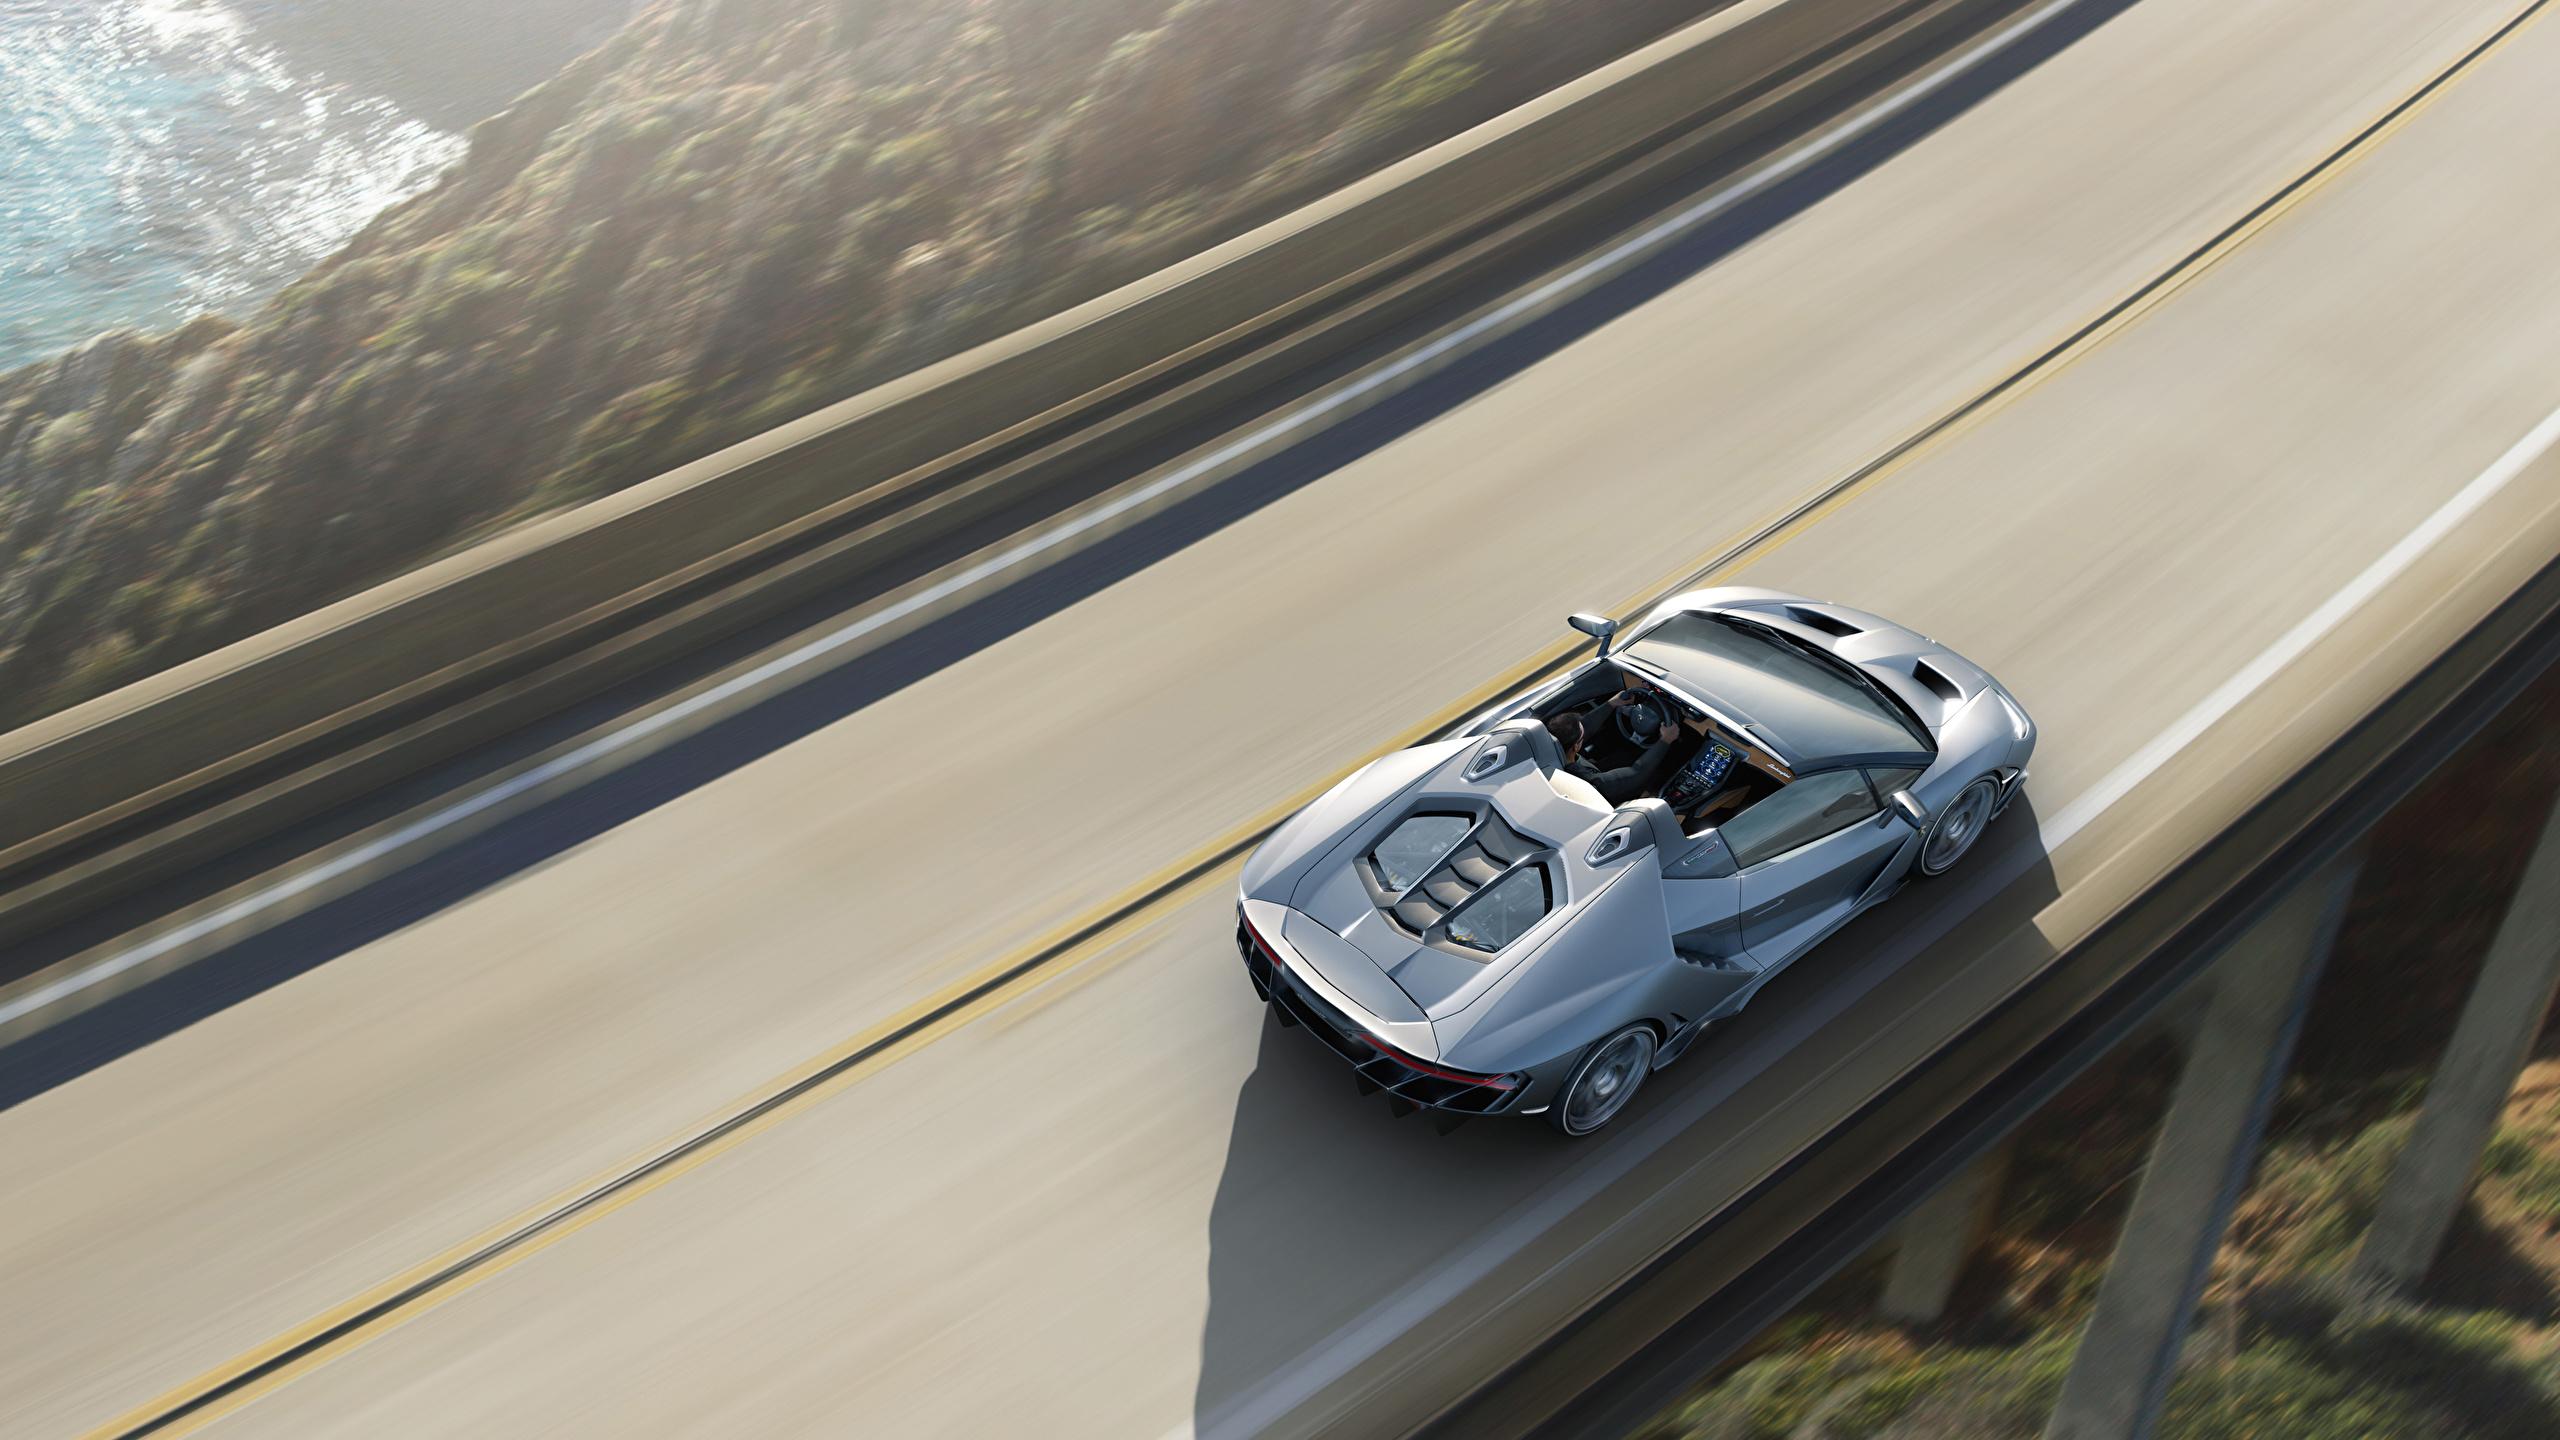 Фотография Ламборгини Centenario Roadster Родстер Движение машина Сверху 2560x1440 Lamborghini едет едущий едущая скорость авто машины автомобиль Автомобили